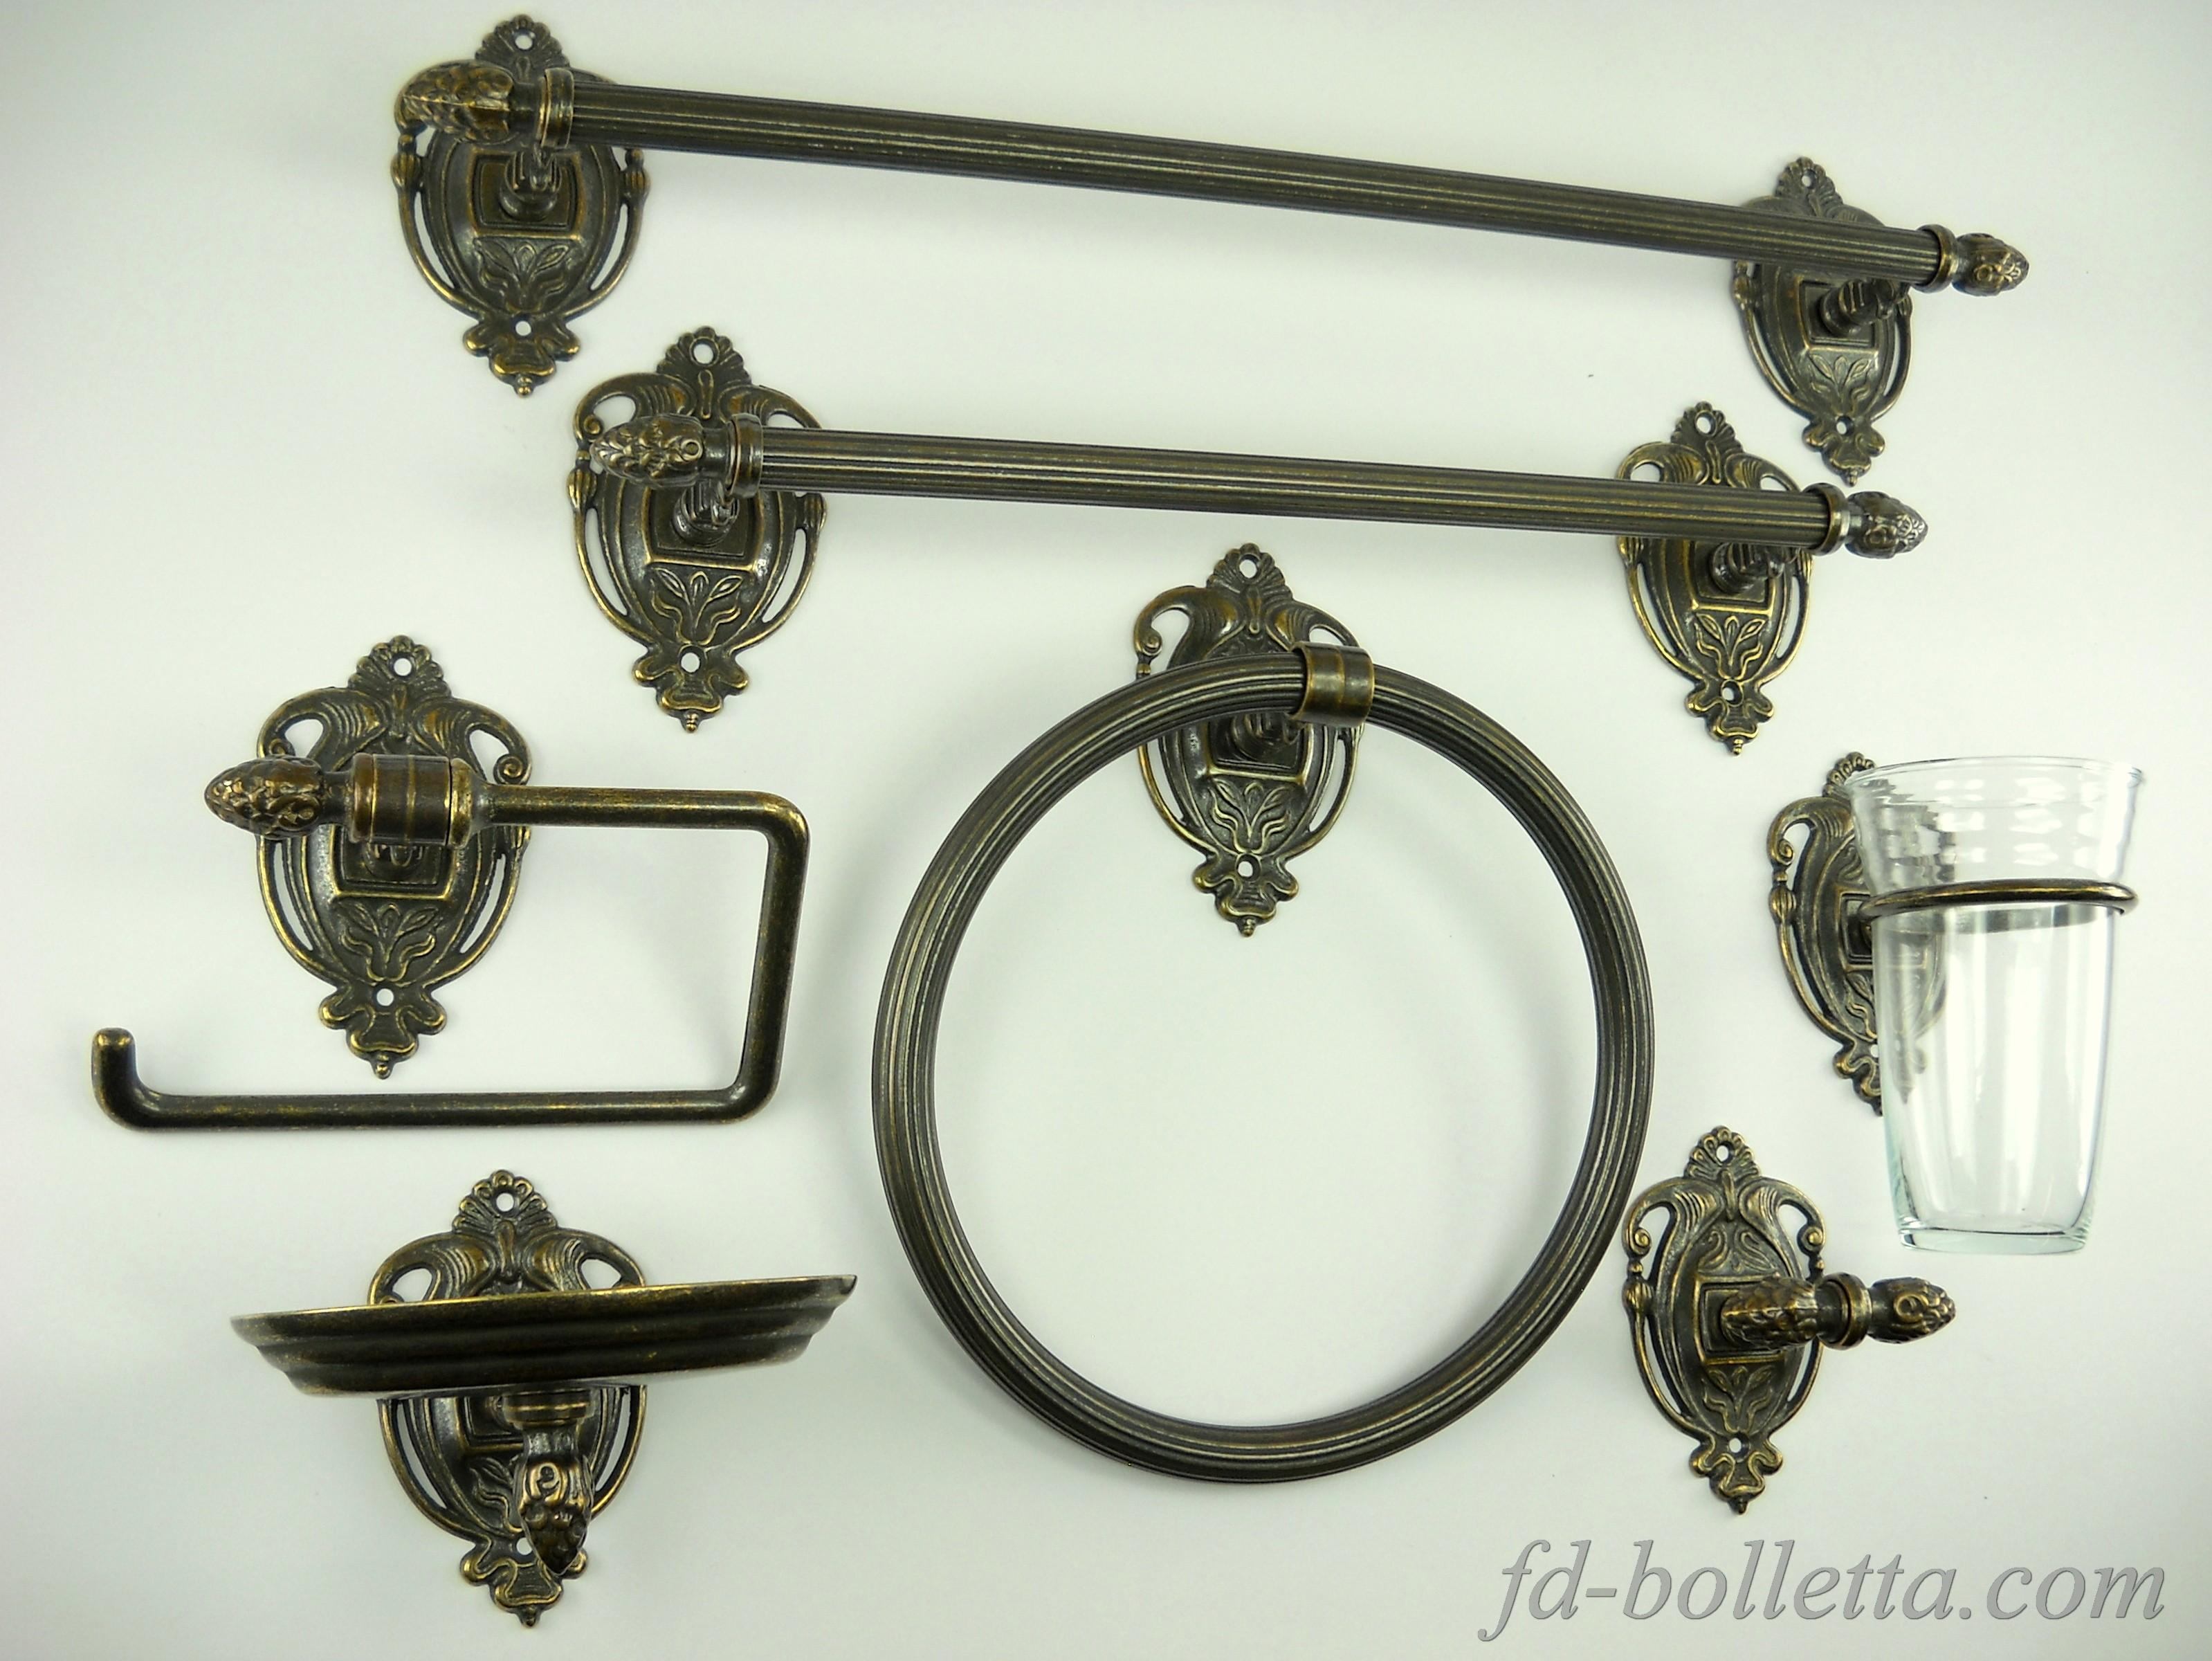 Set da bagno in ottone 7 pz wc23 - fd-bolletta lampade